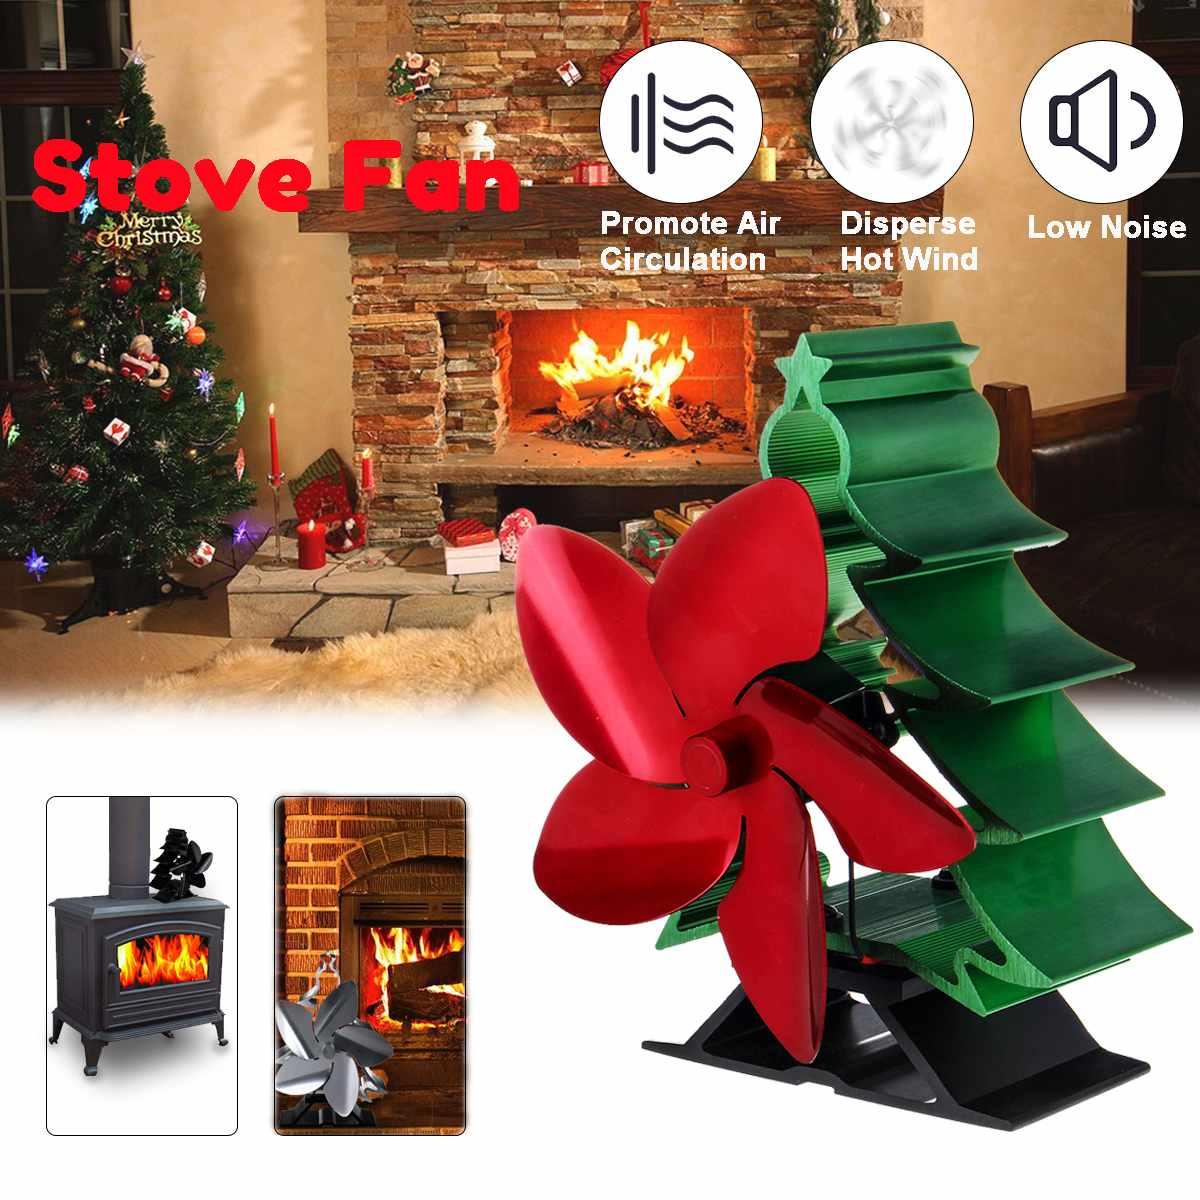 180CFM 5 Blade Home Fireplace Heat Powered Stove Fan Komin Log Wood Burner Eco Friendly Christmas Tree Shape Heat Distribution